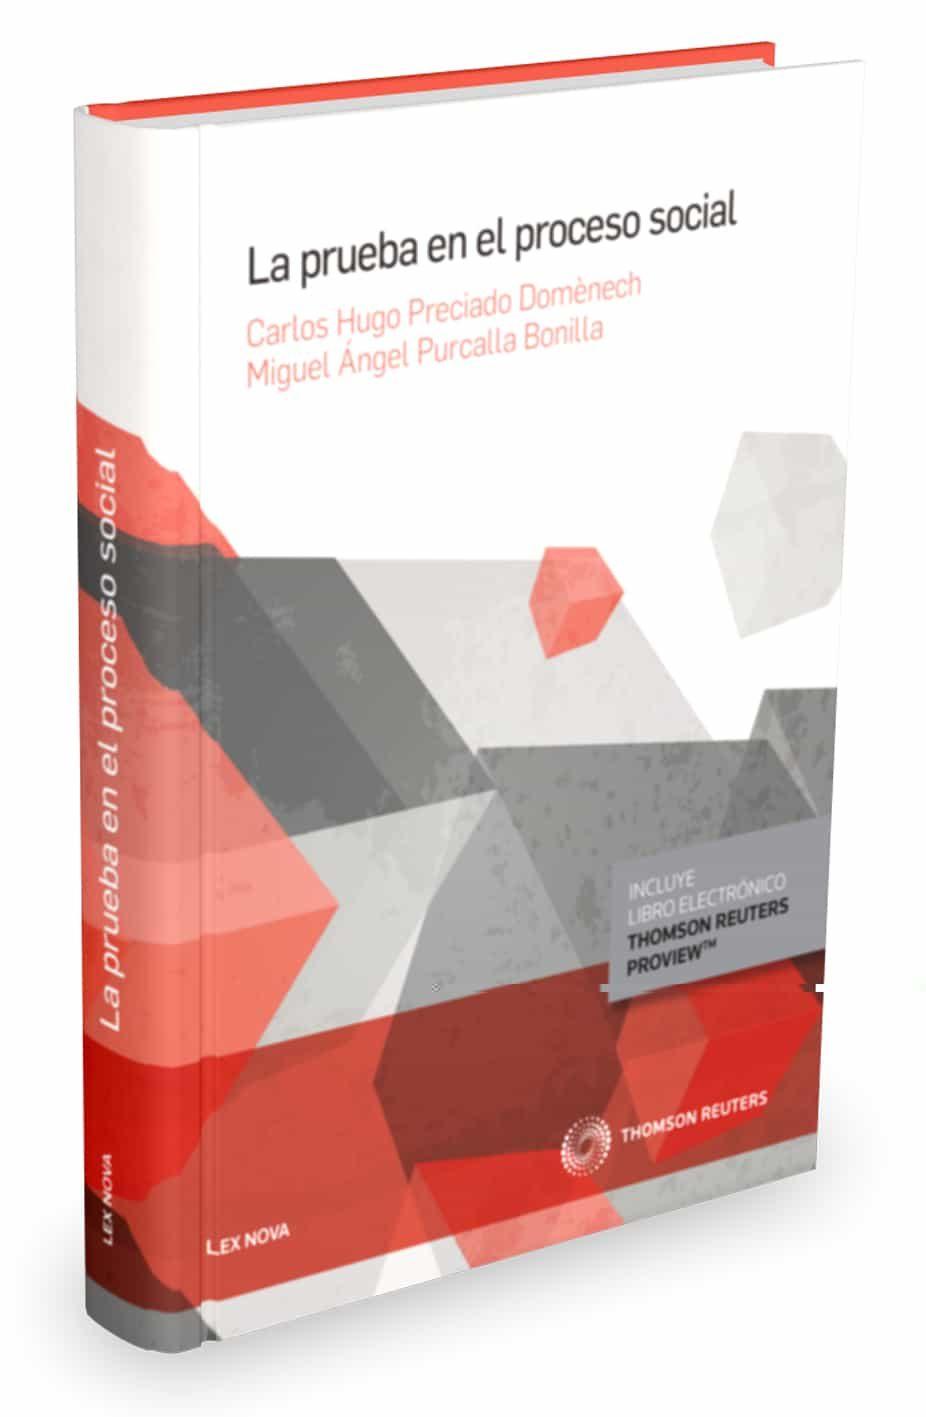 La Prueba En El Proceso Social por Carlos Hugo Preciado Domenech